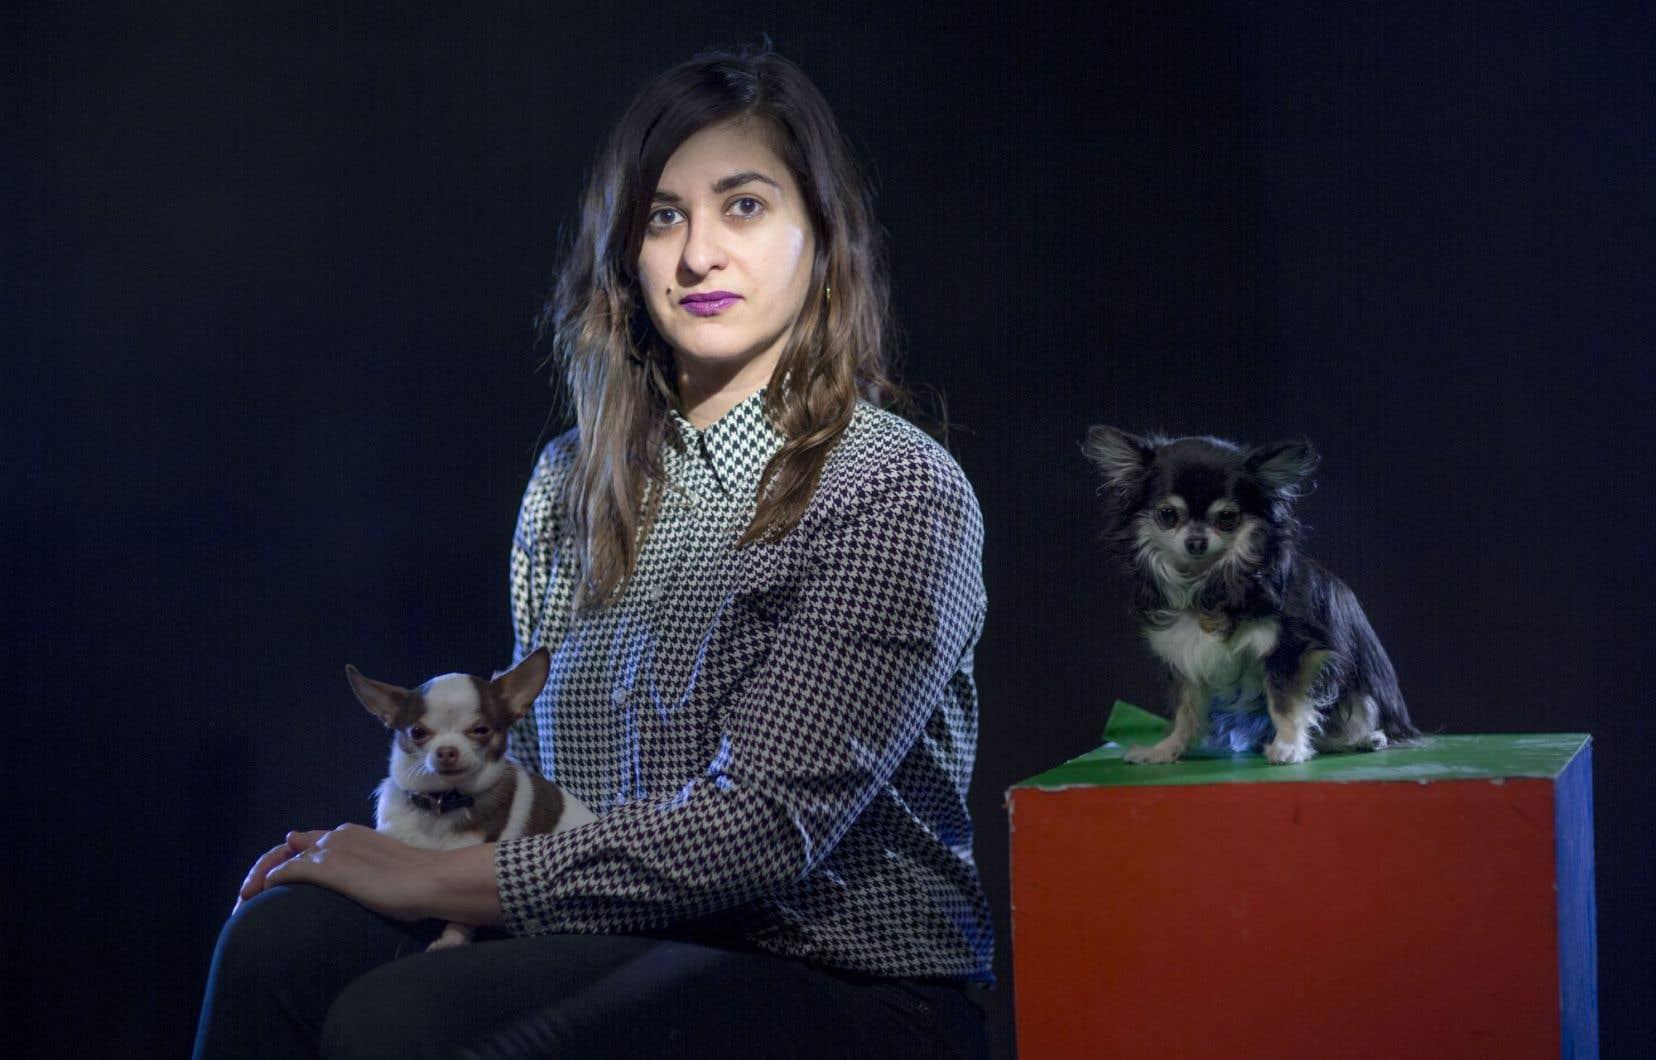 L'artiste multidisciplinaire montréalaise Dominique Pétrin